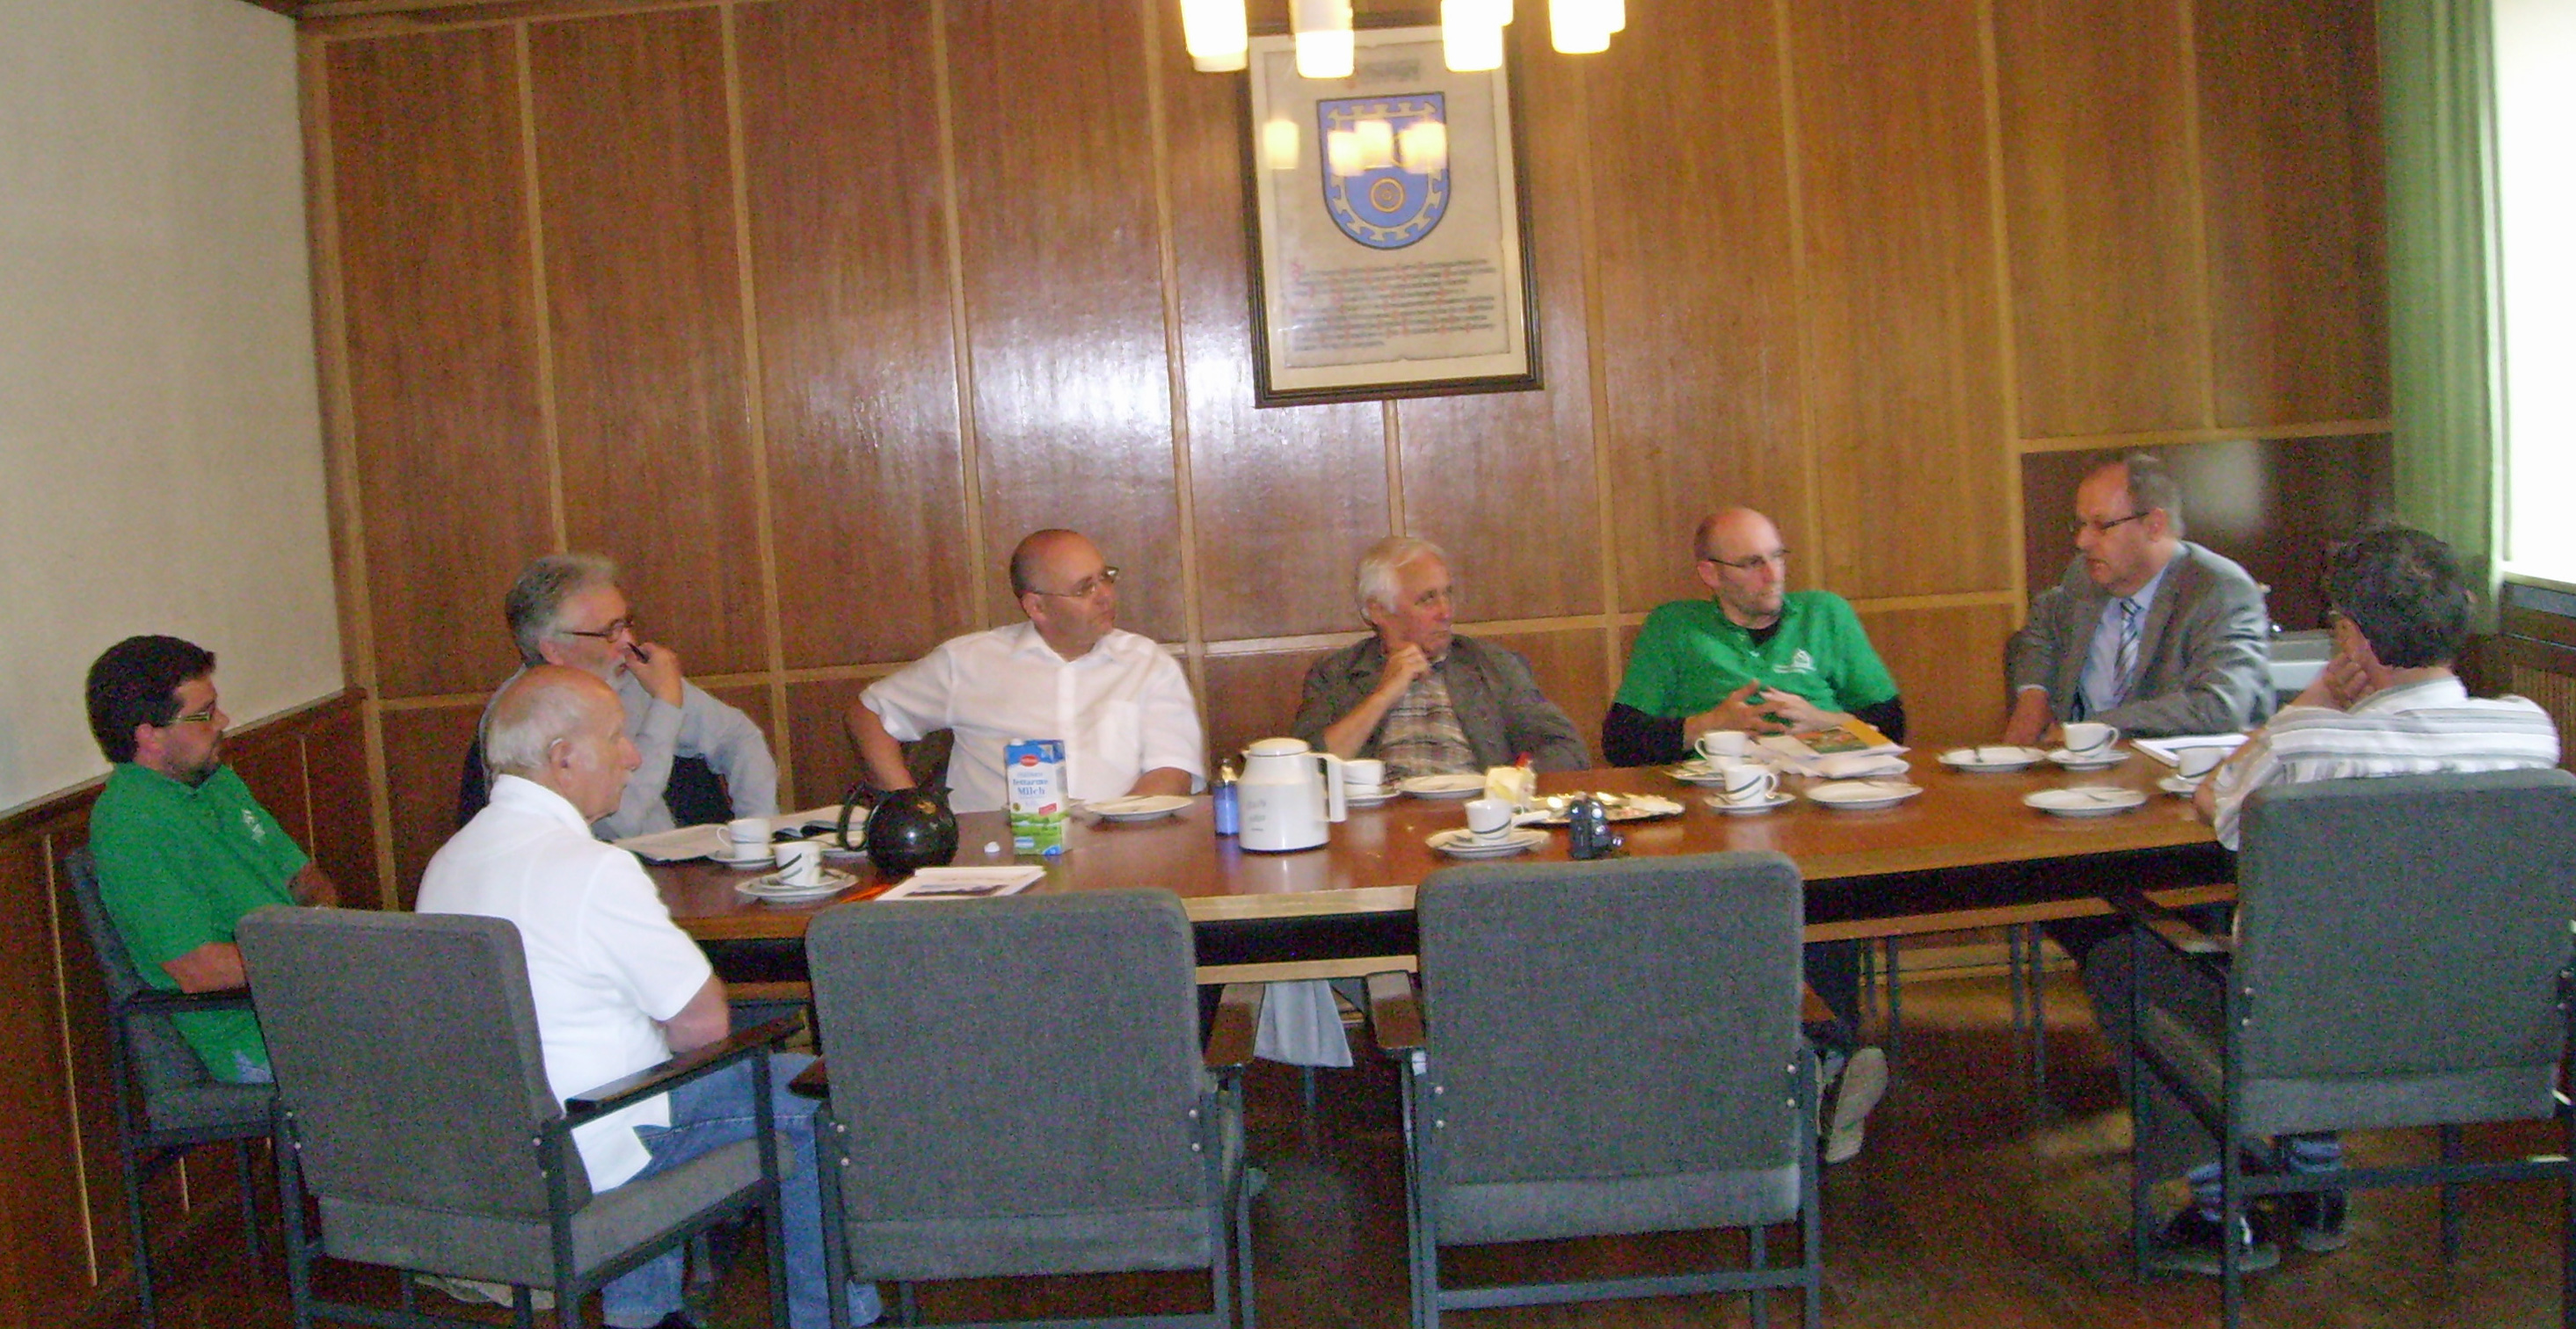 Bürgermeister Hengstler und Ortsvorsteher Huber stellen der Kommision die Stadt Geisingen und den Stadtteil Gutmadingen vor